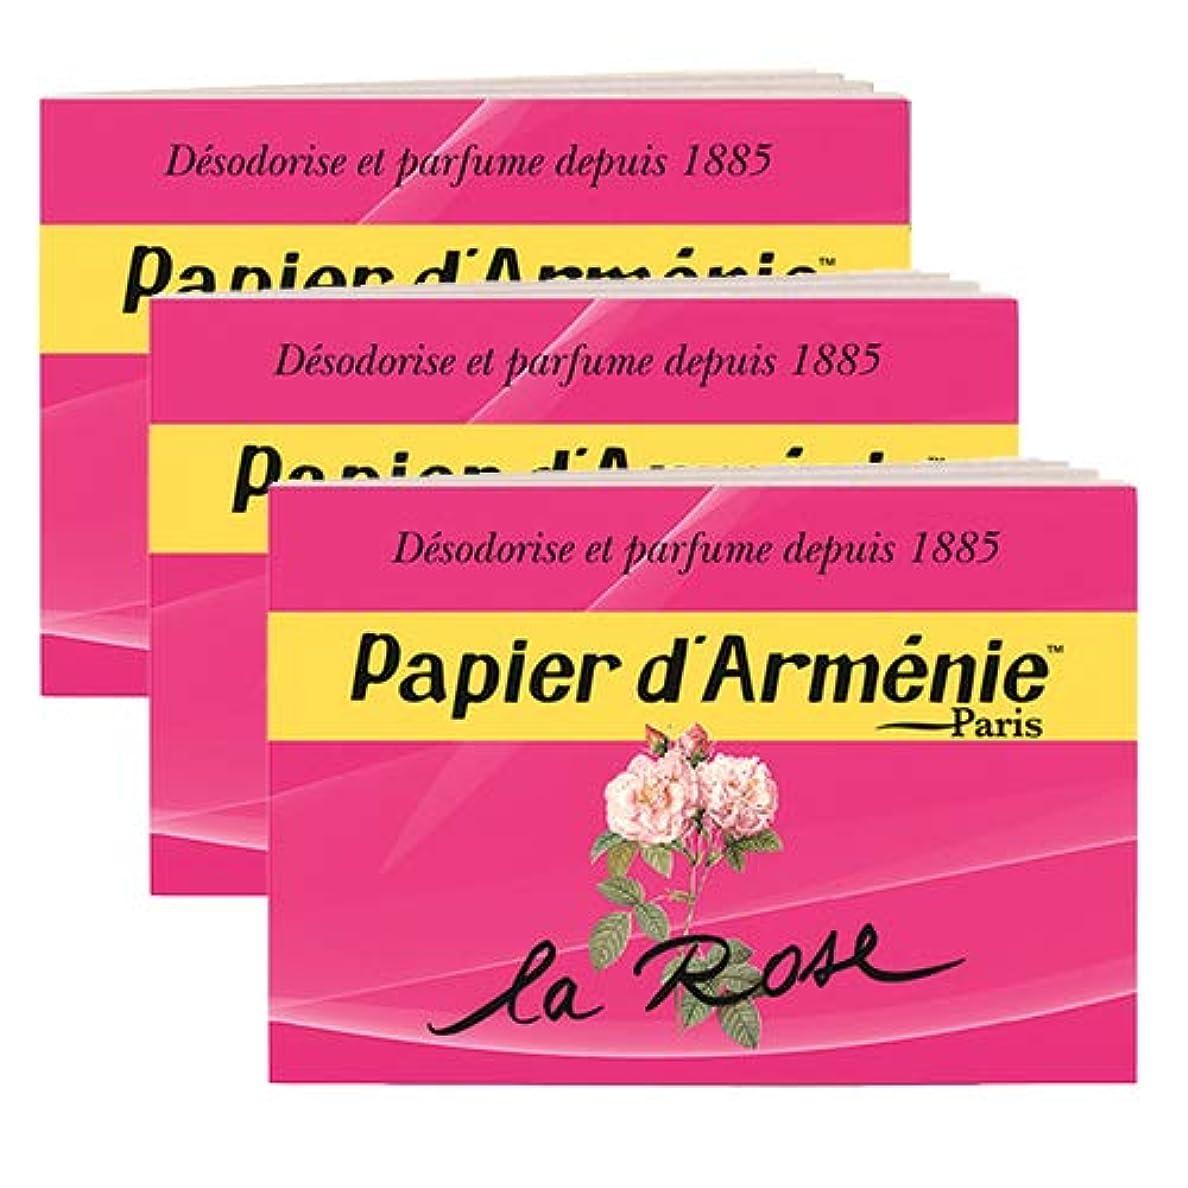 いたずら南方の天窓【パピエダルメニイ】トリプル 3×12枚(36回分) 3個セット ローズ 紙のお香 インセンス アロマペーパー PAPIER D'ARMENIE [並行輸入品]